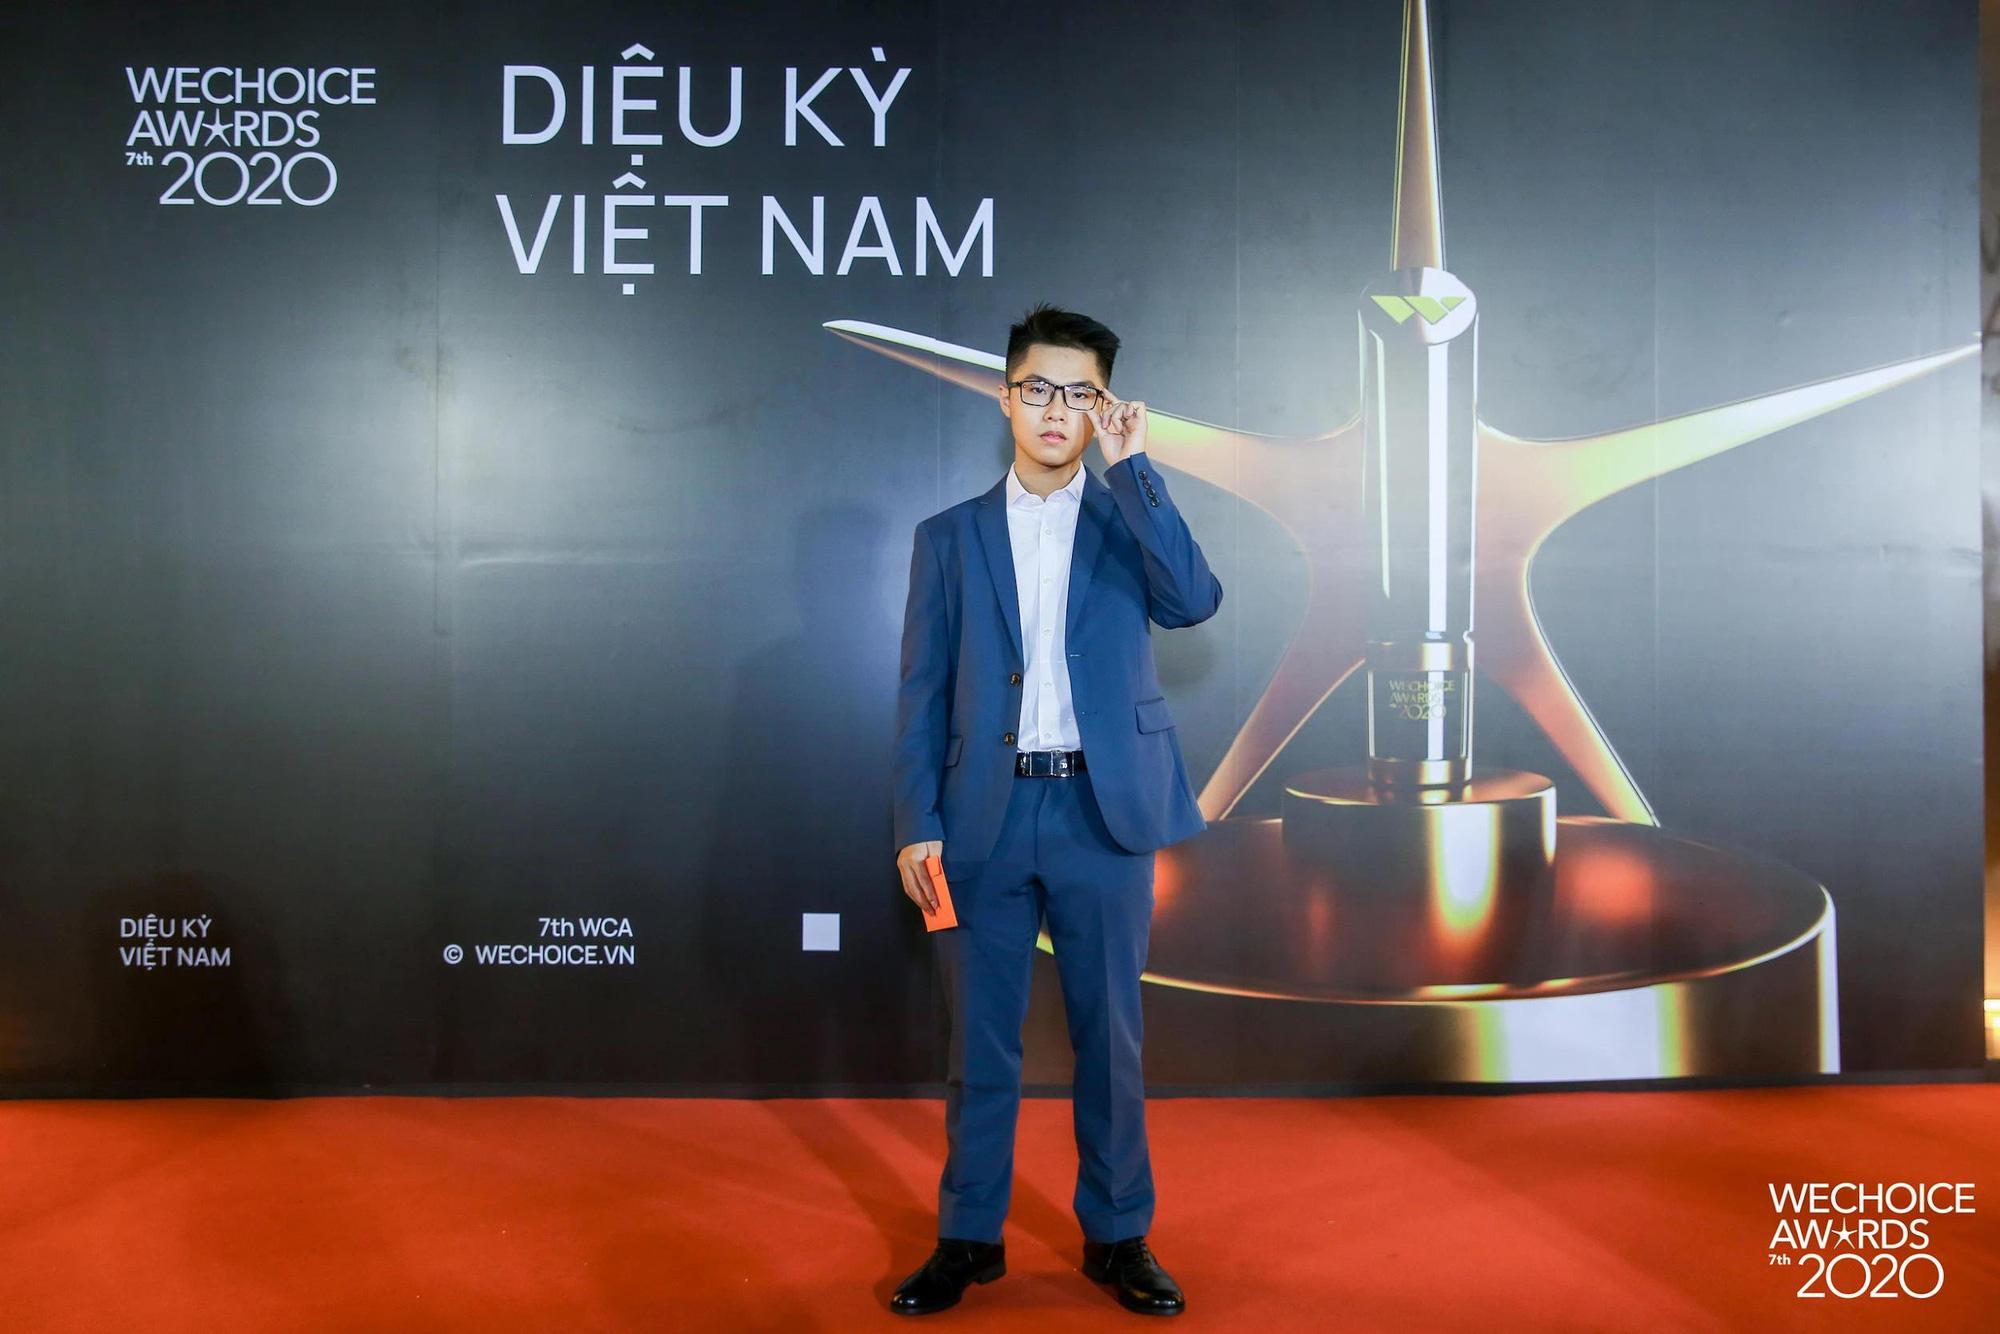 Không chỉ là giải Esports hàng đầu Việt Nam, Liên Quân Mobile còn là cuộc chiến spotlight với nhiều cái tên hot chẳng kém celeb - Ảnh 4.